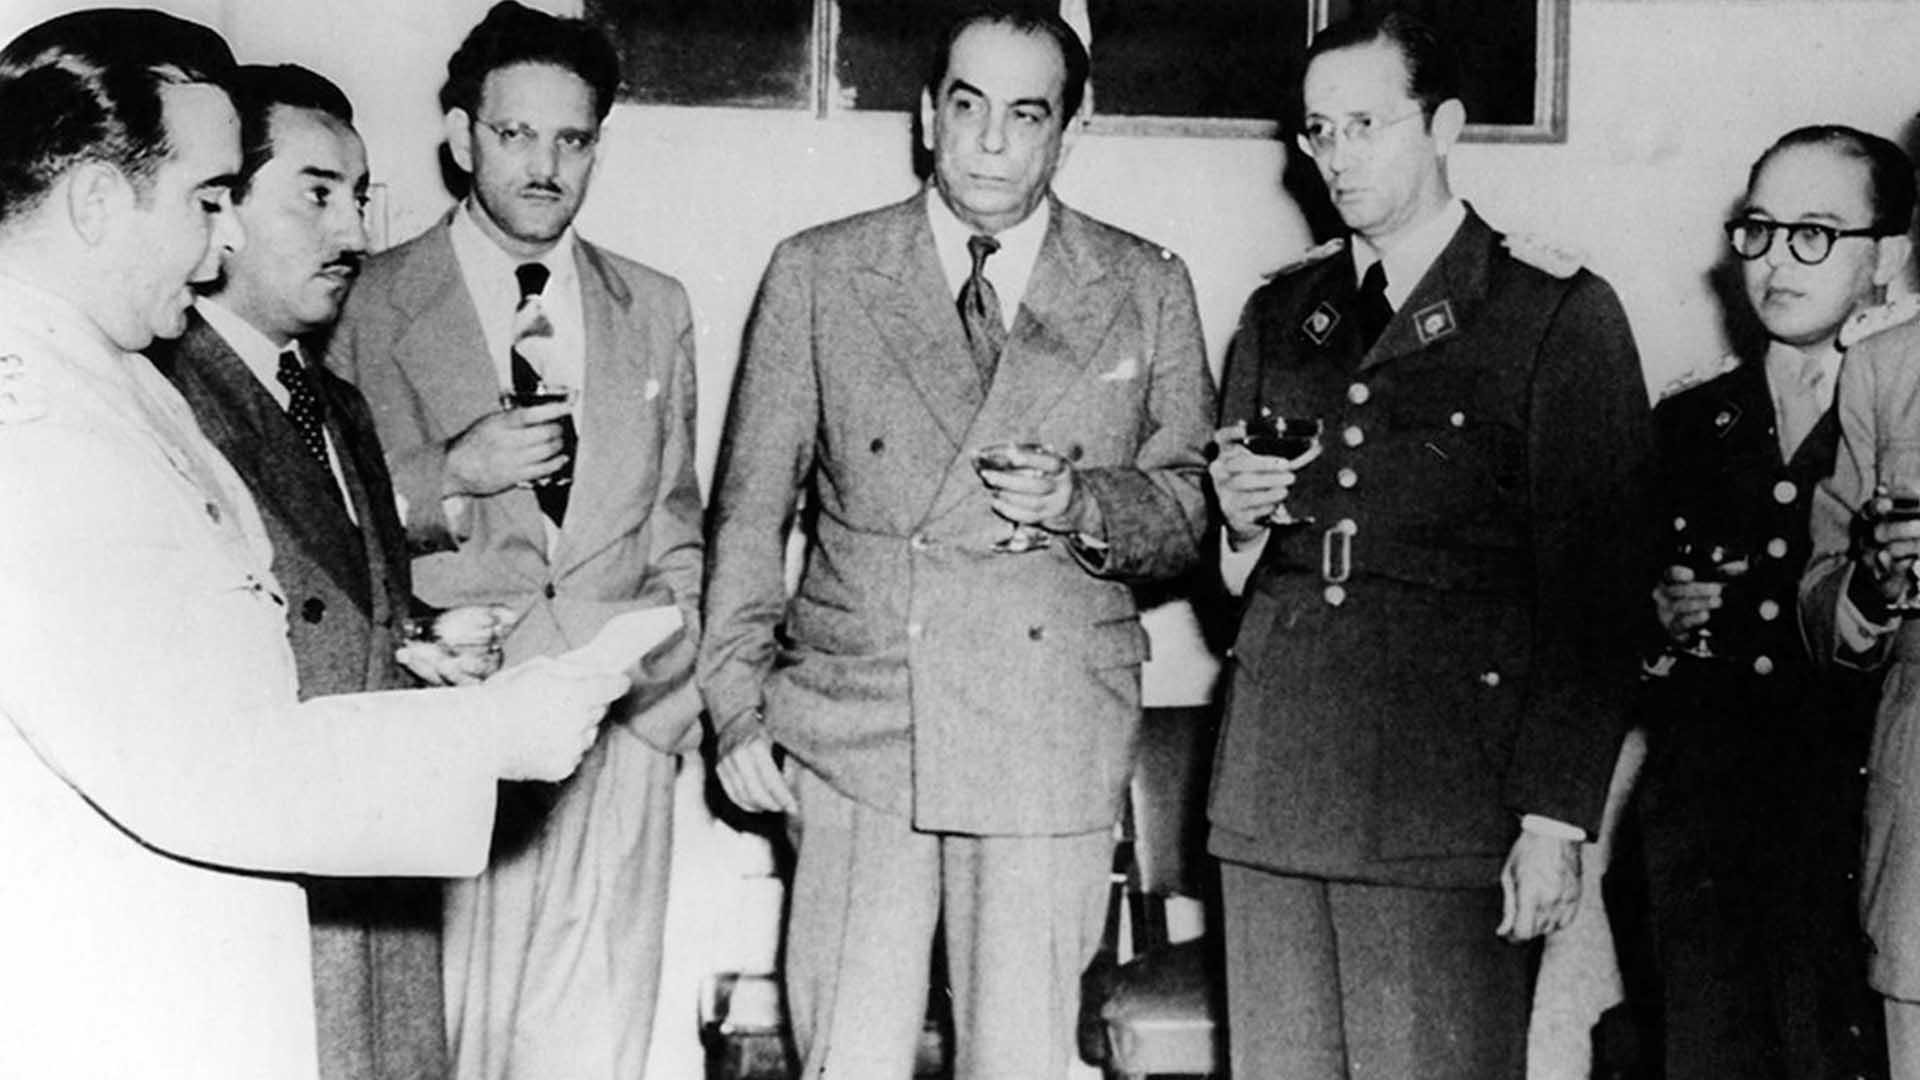 """Hacia la democracia: """"Rómulo y la resistencia adeca en tiempos de jauja"""" (I), por José Luis Farías"""""""